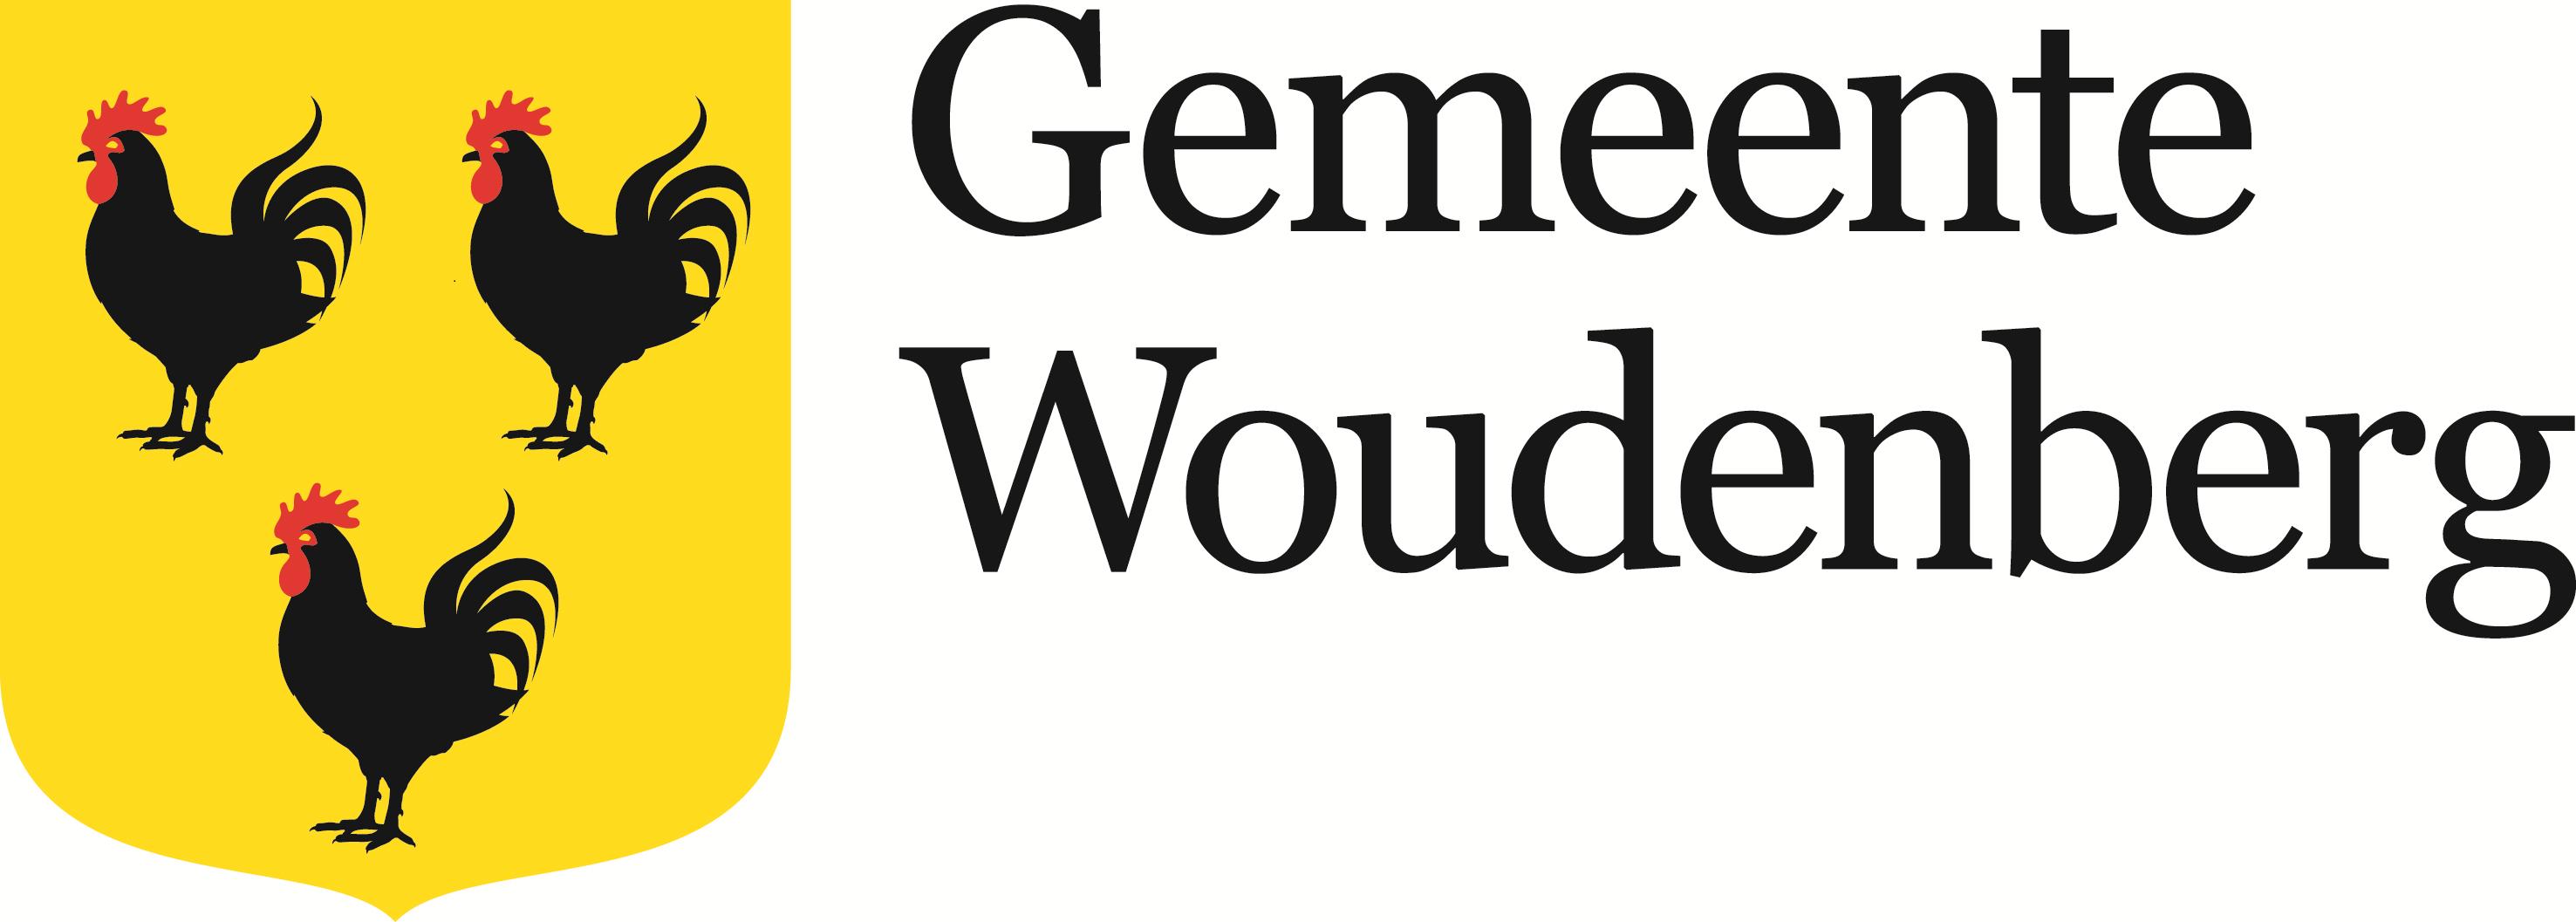 Logo Gemeente Woudenberg